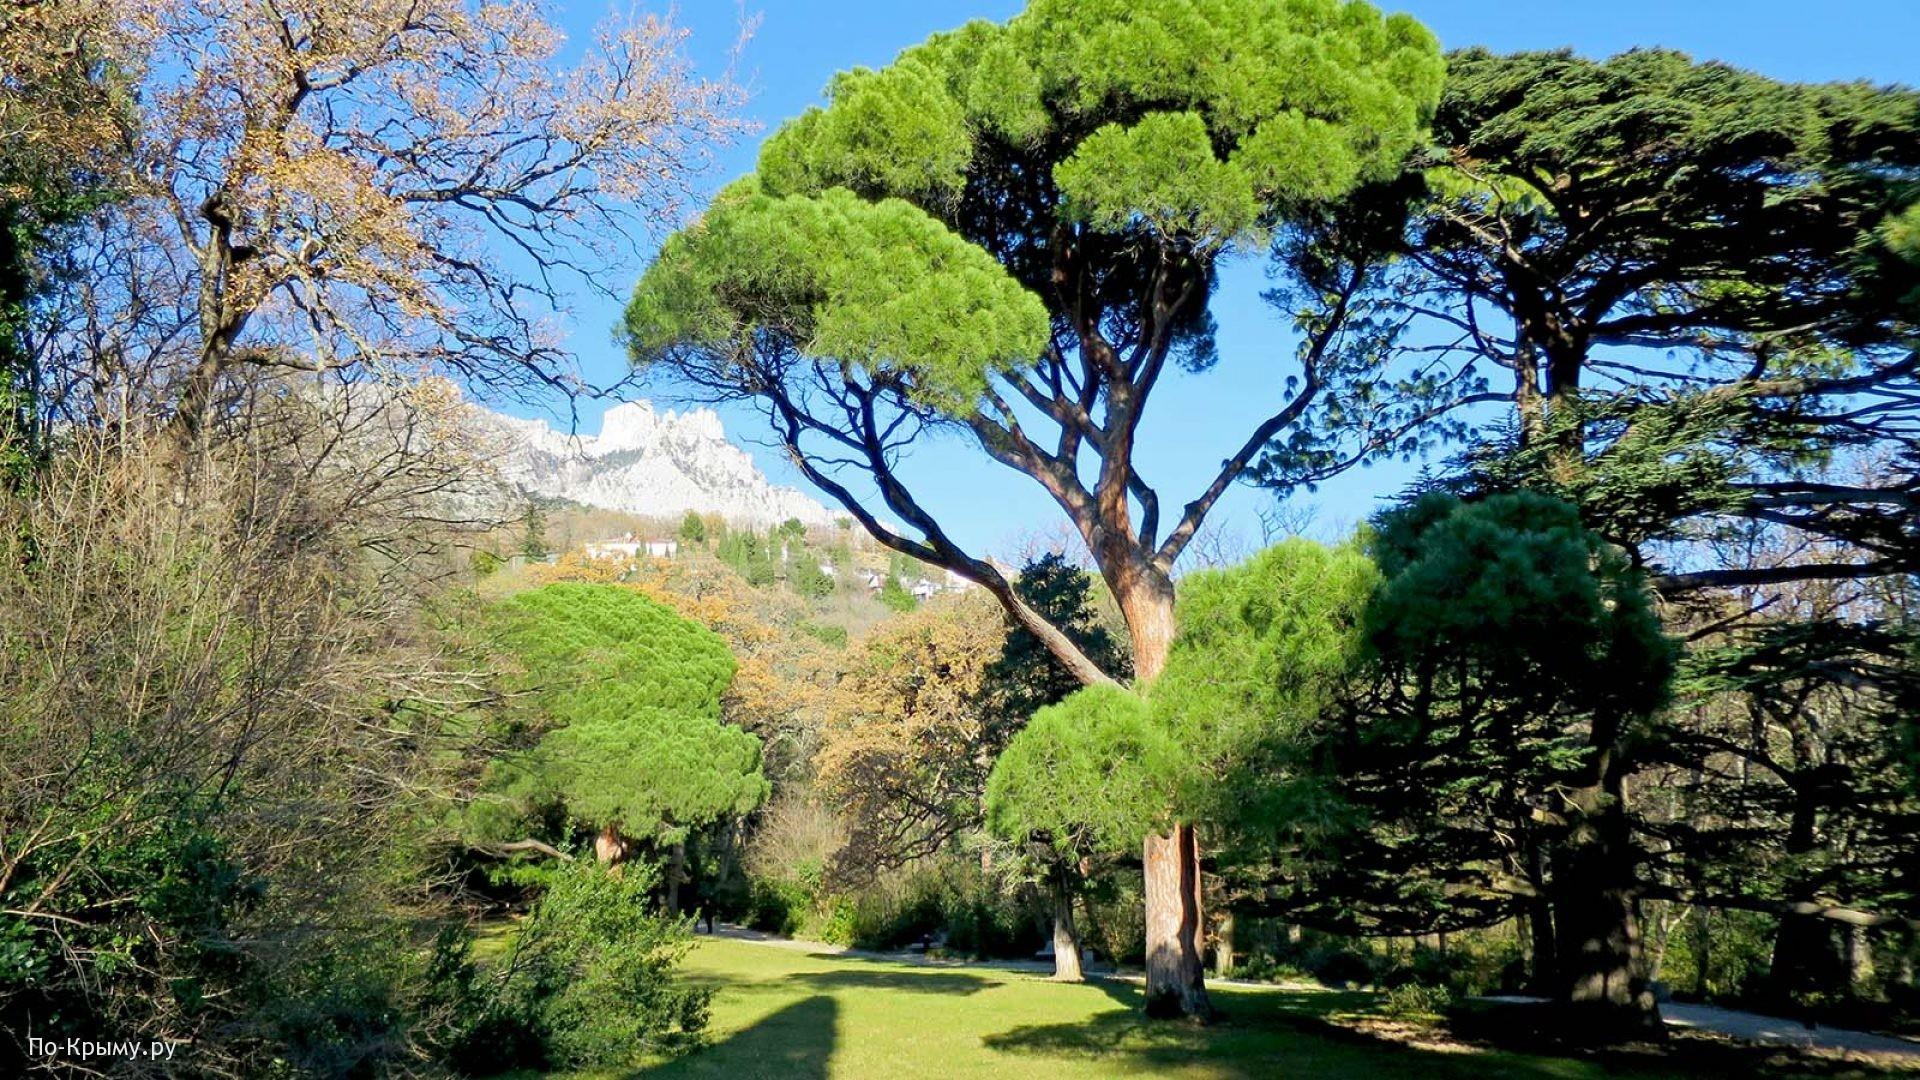 Воронцовский парк, сосна итальянская Pinus pinea L